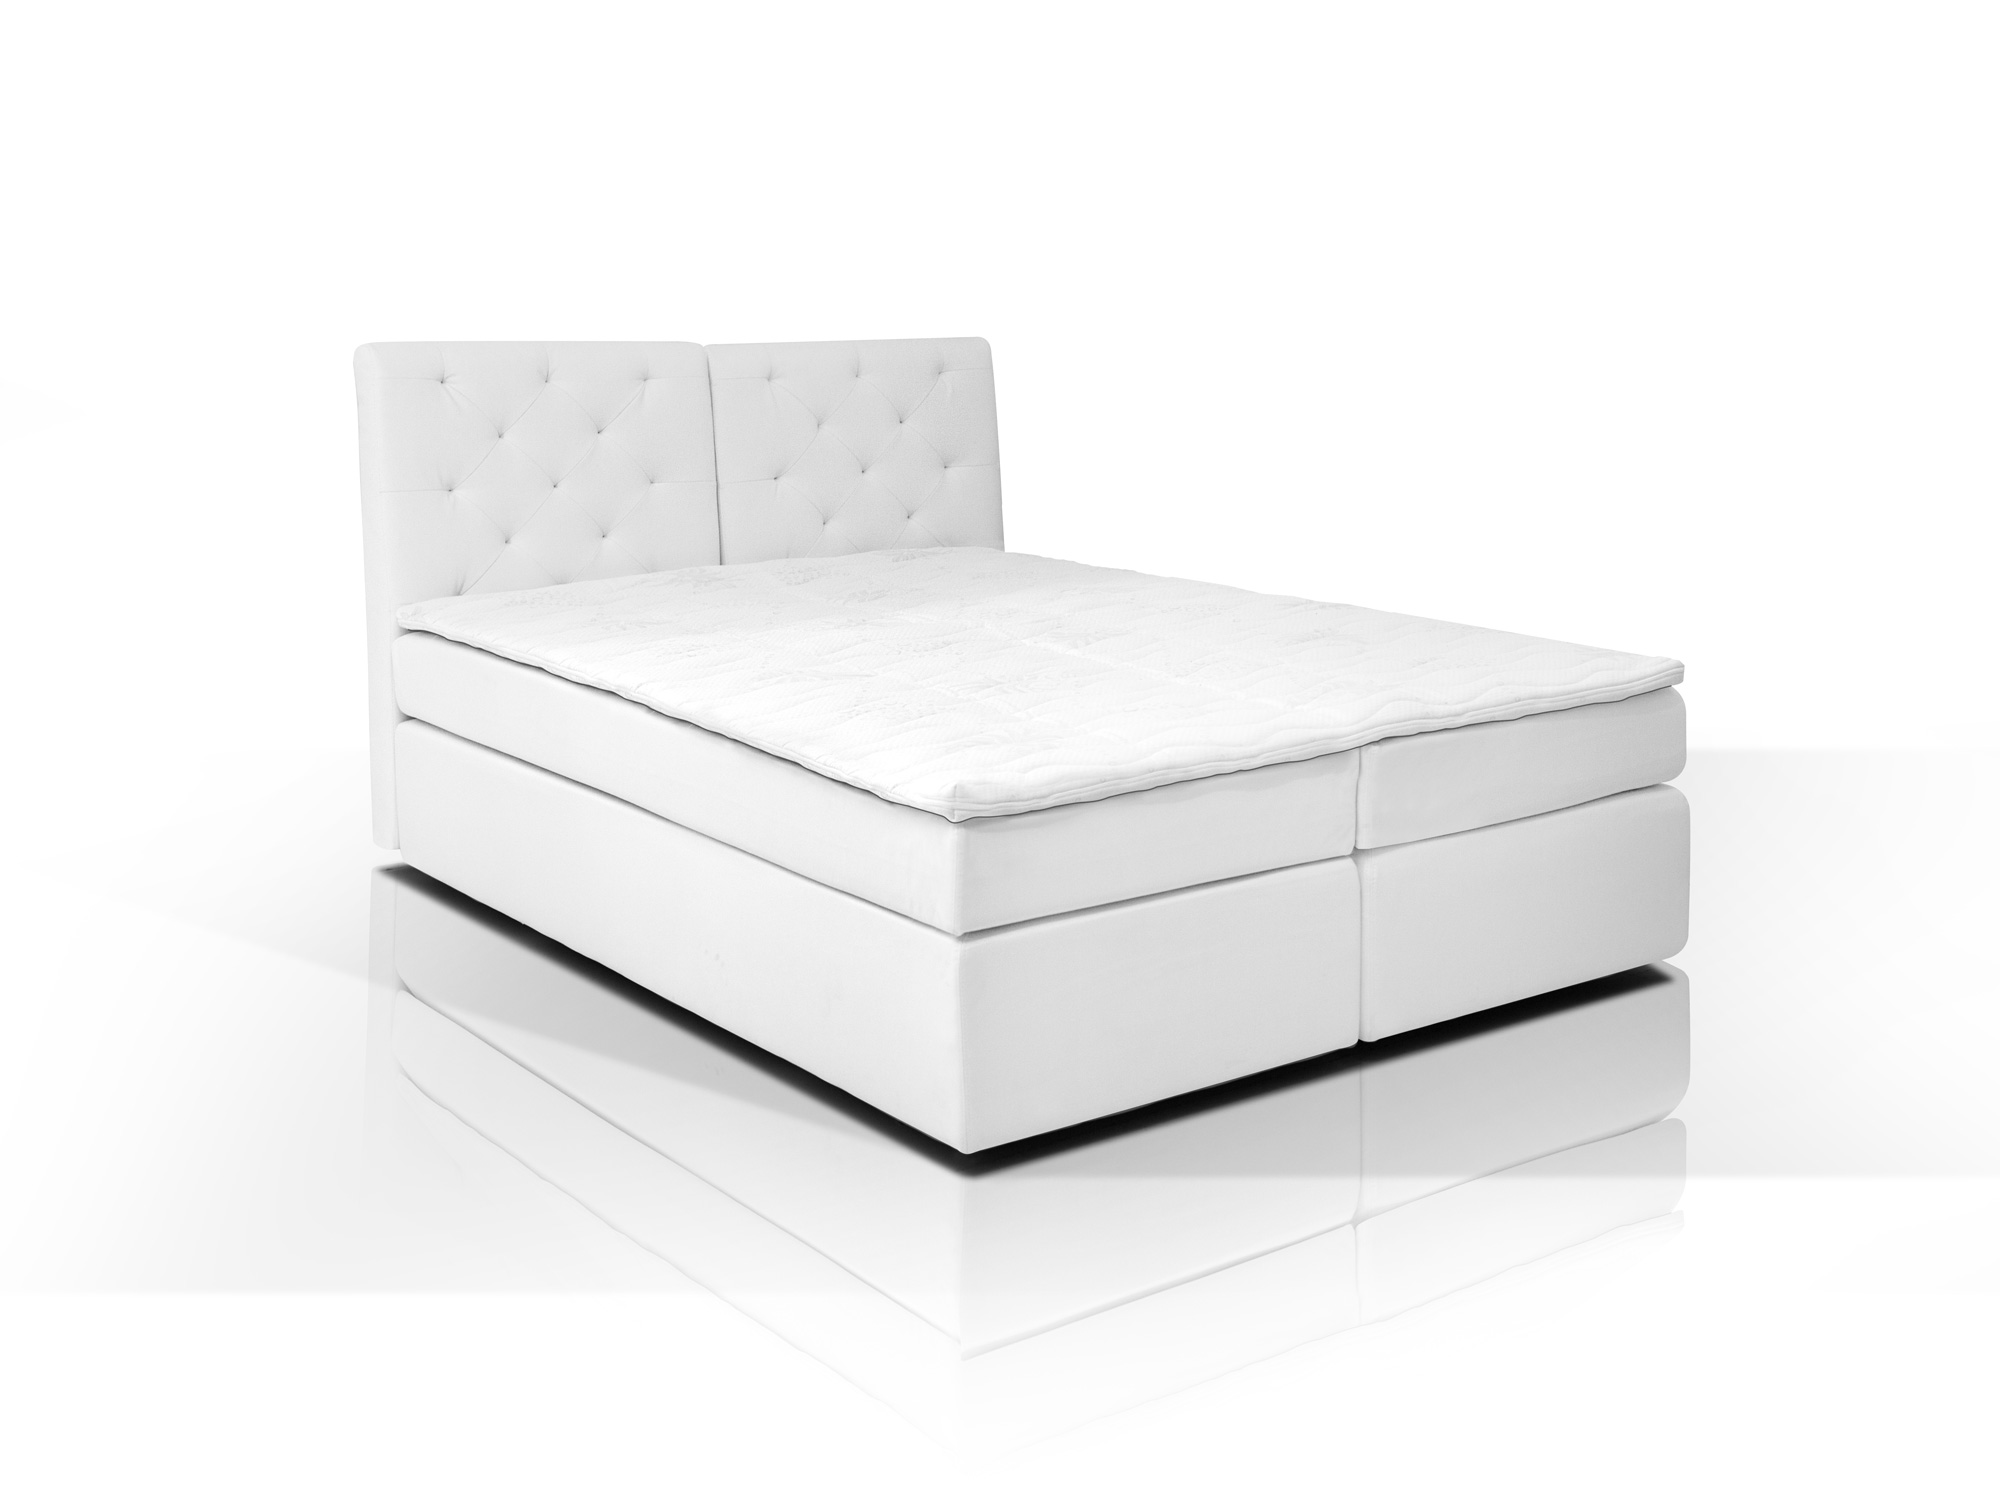 boxspringbett mit schmutzabweisendem bezug wei h3 160x200 doppelbett 7 zonen ebay. Black Bedroom Furniture Sets. Home Design Ideas